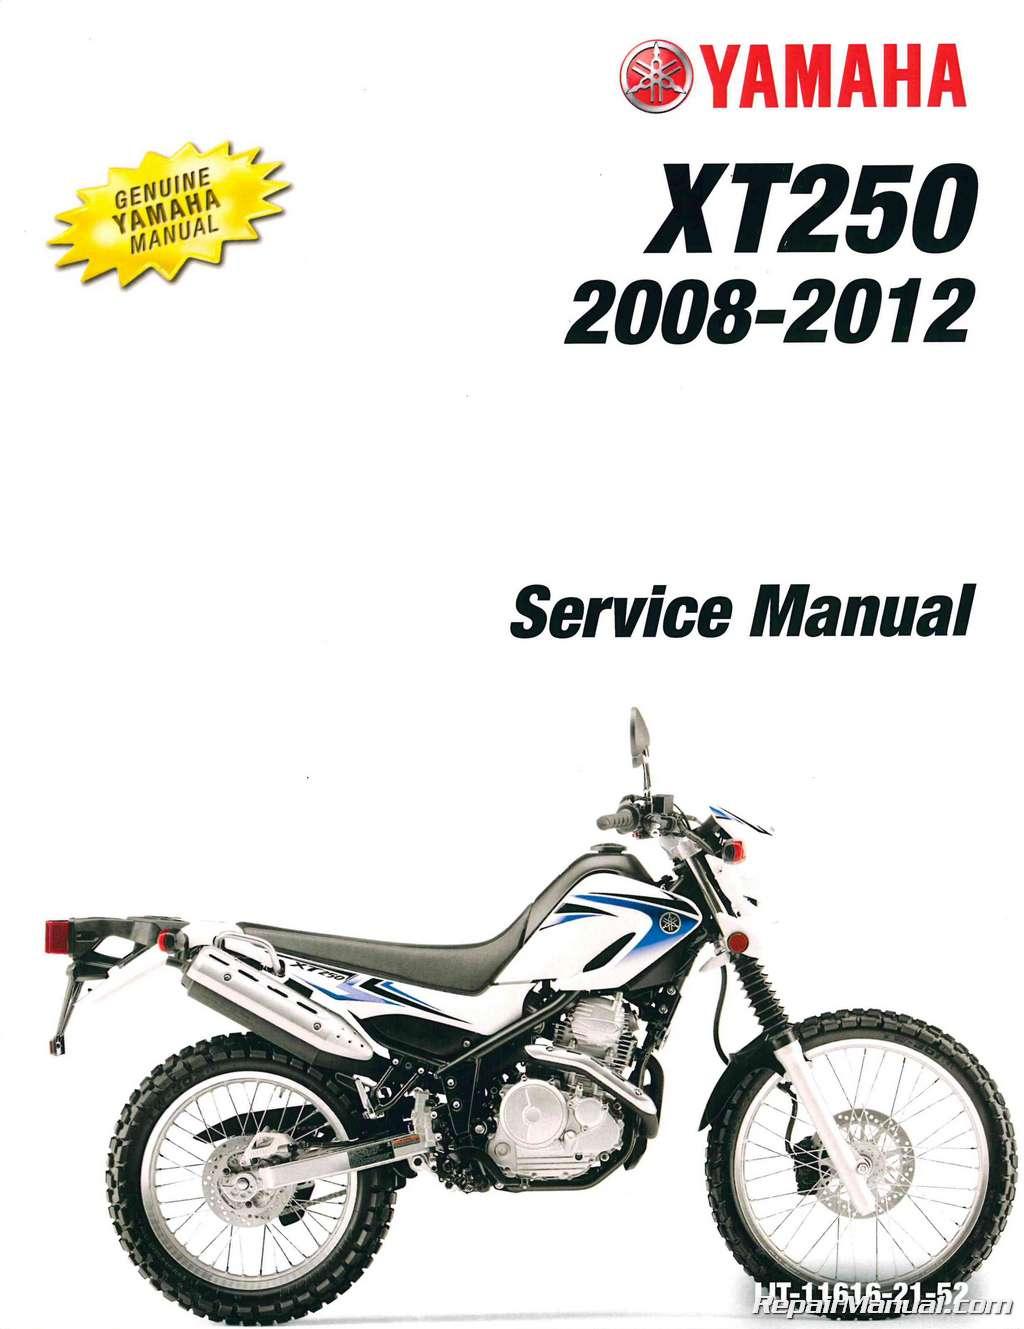 Yamaha 80 Carburetor Diagram Furthermore 1981 Yamaha Xt 250 ... on